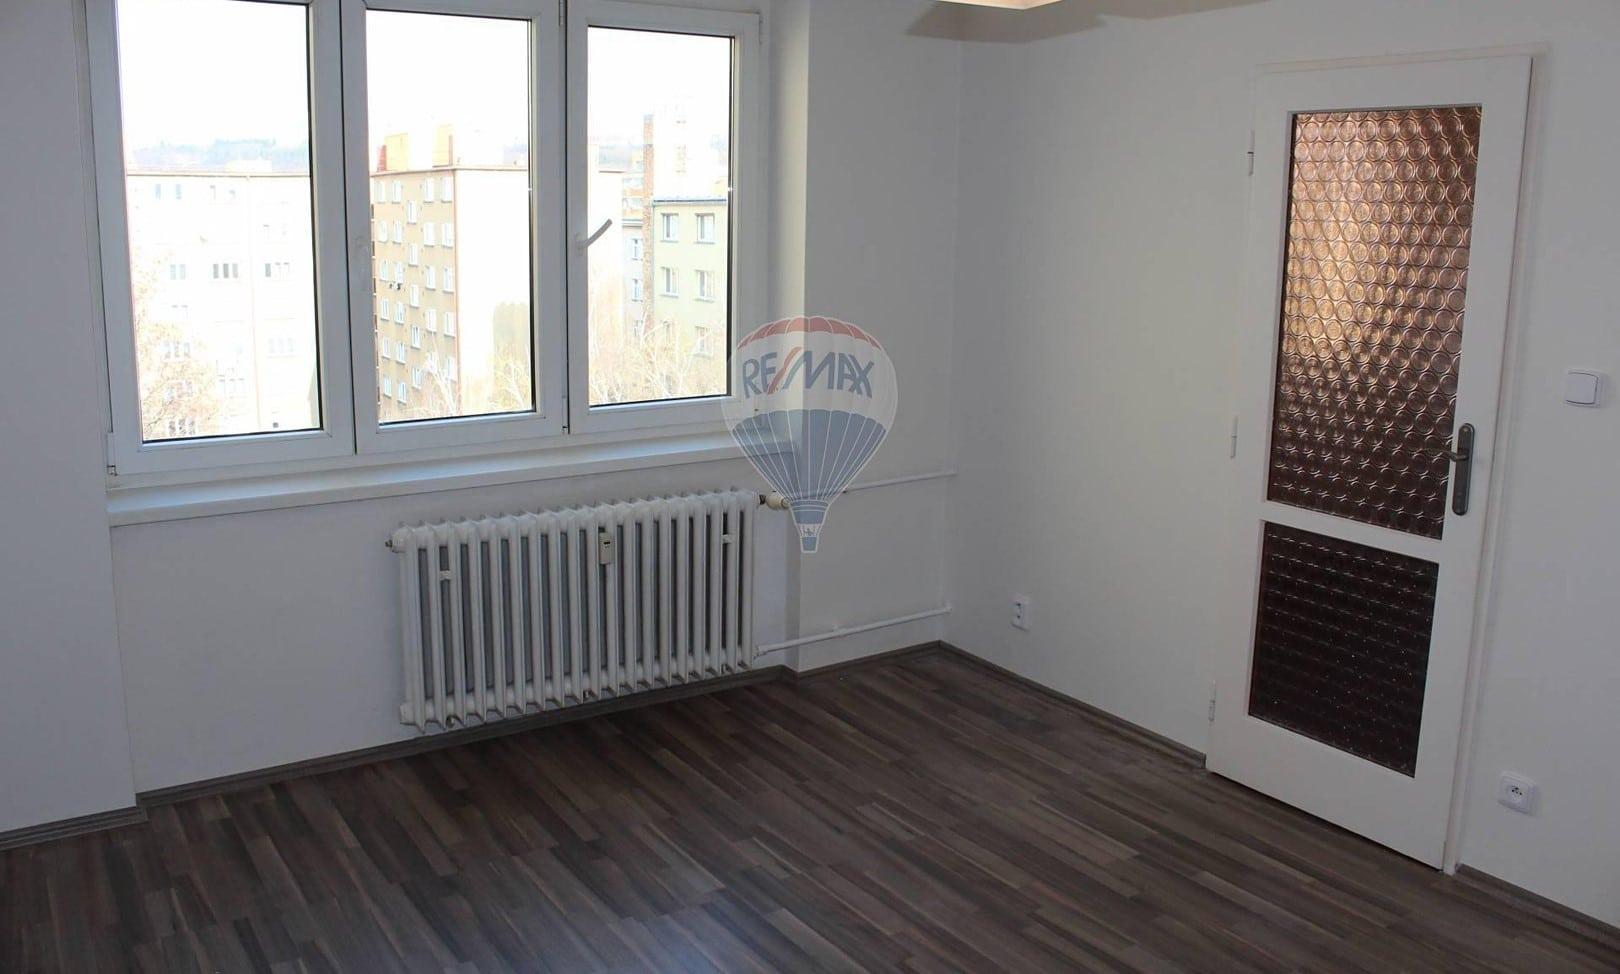 למכירה דירת 2+1 בשטח של 52 מר בפראג 9 (8)